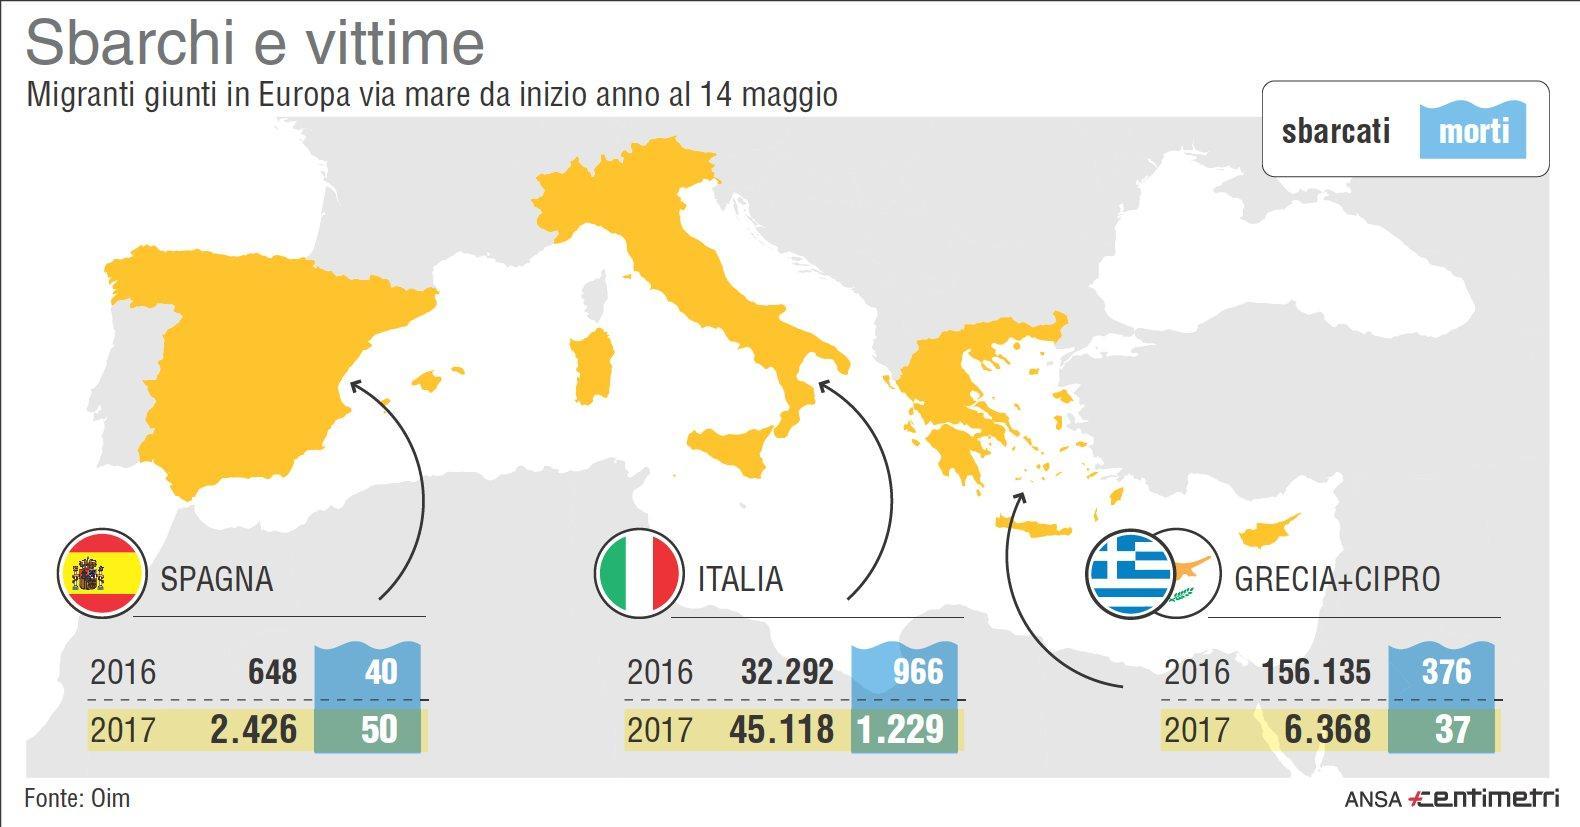 Migranti, sbarchi e vittime nel Mediterraneo